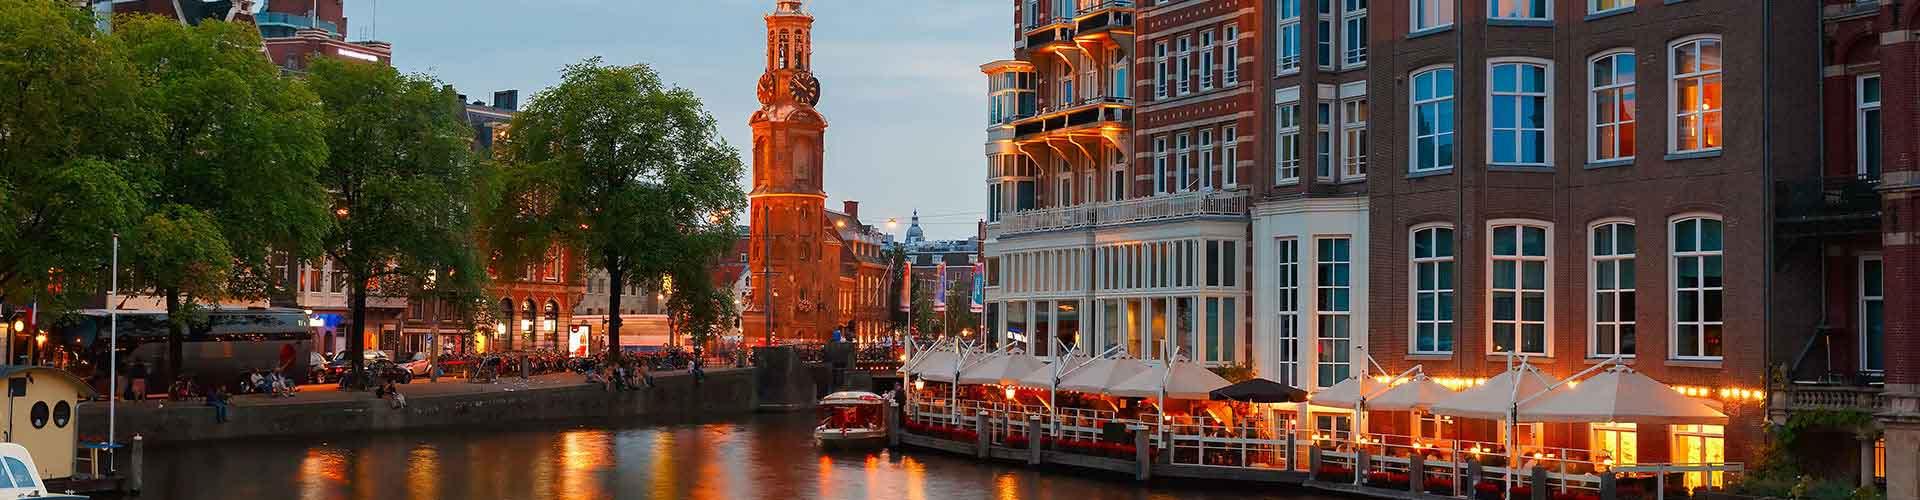 Amsterdam – Albergues próximos a Munttoren. Mapas para Amsterdam, Fotos e Avaliações para cada Albergue em Amsterdam.